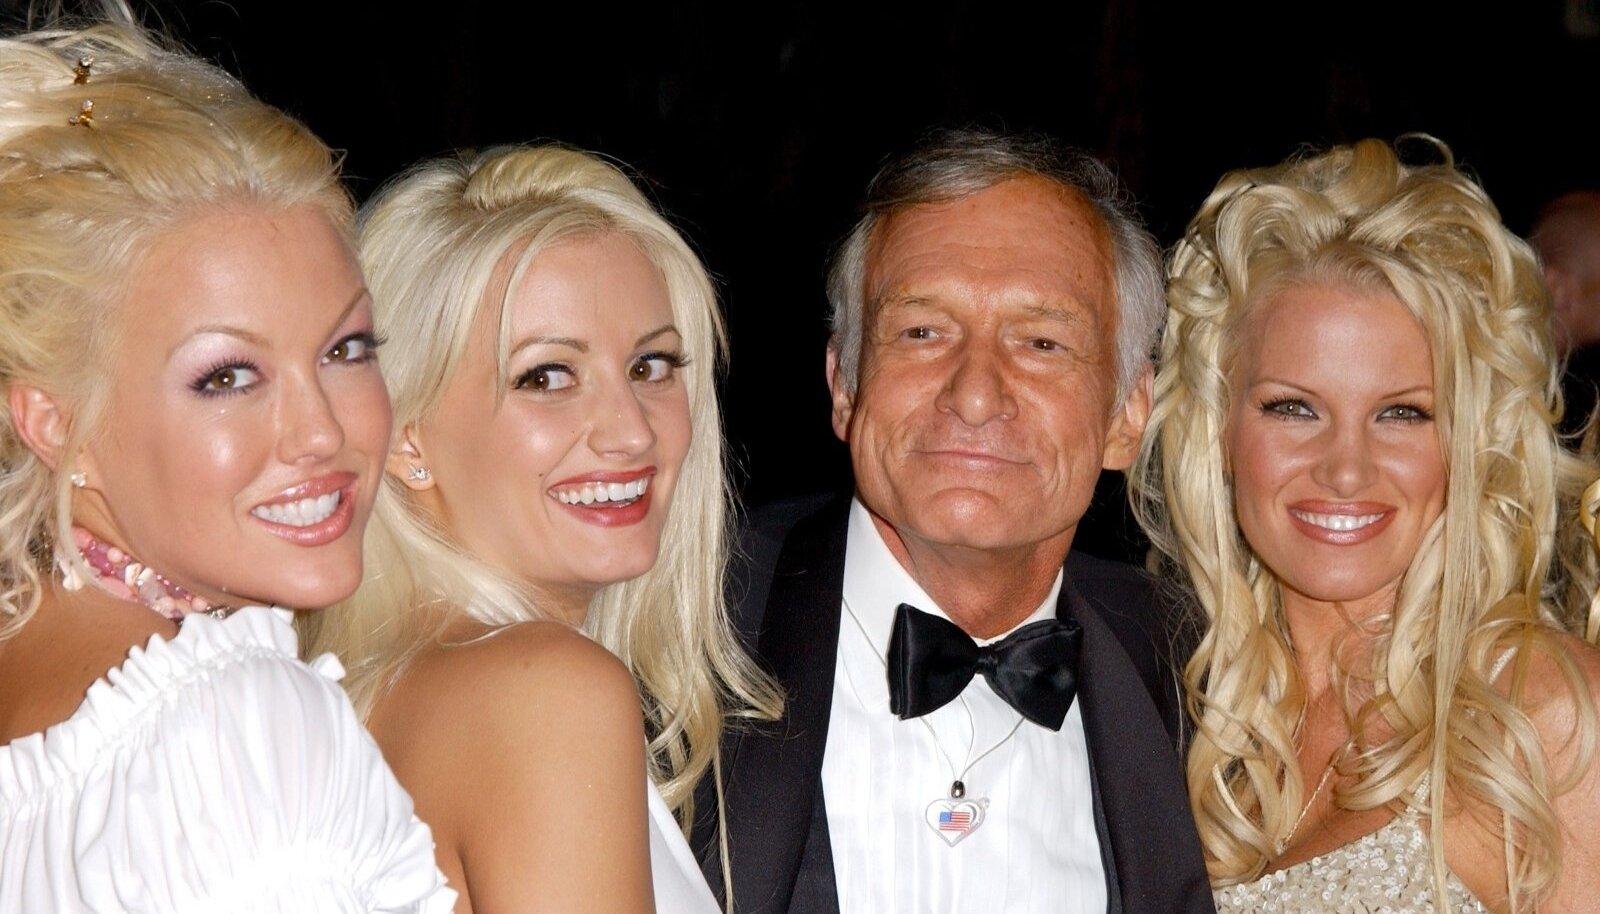 Hugh Hefner Passes Away at 91